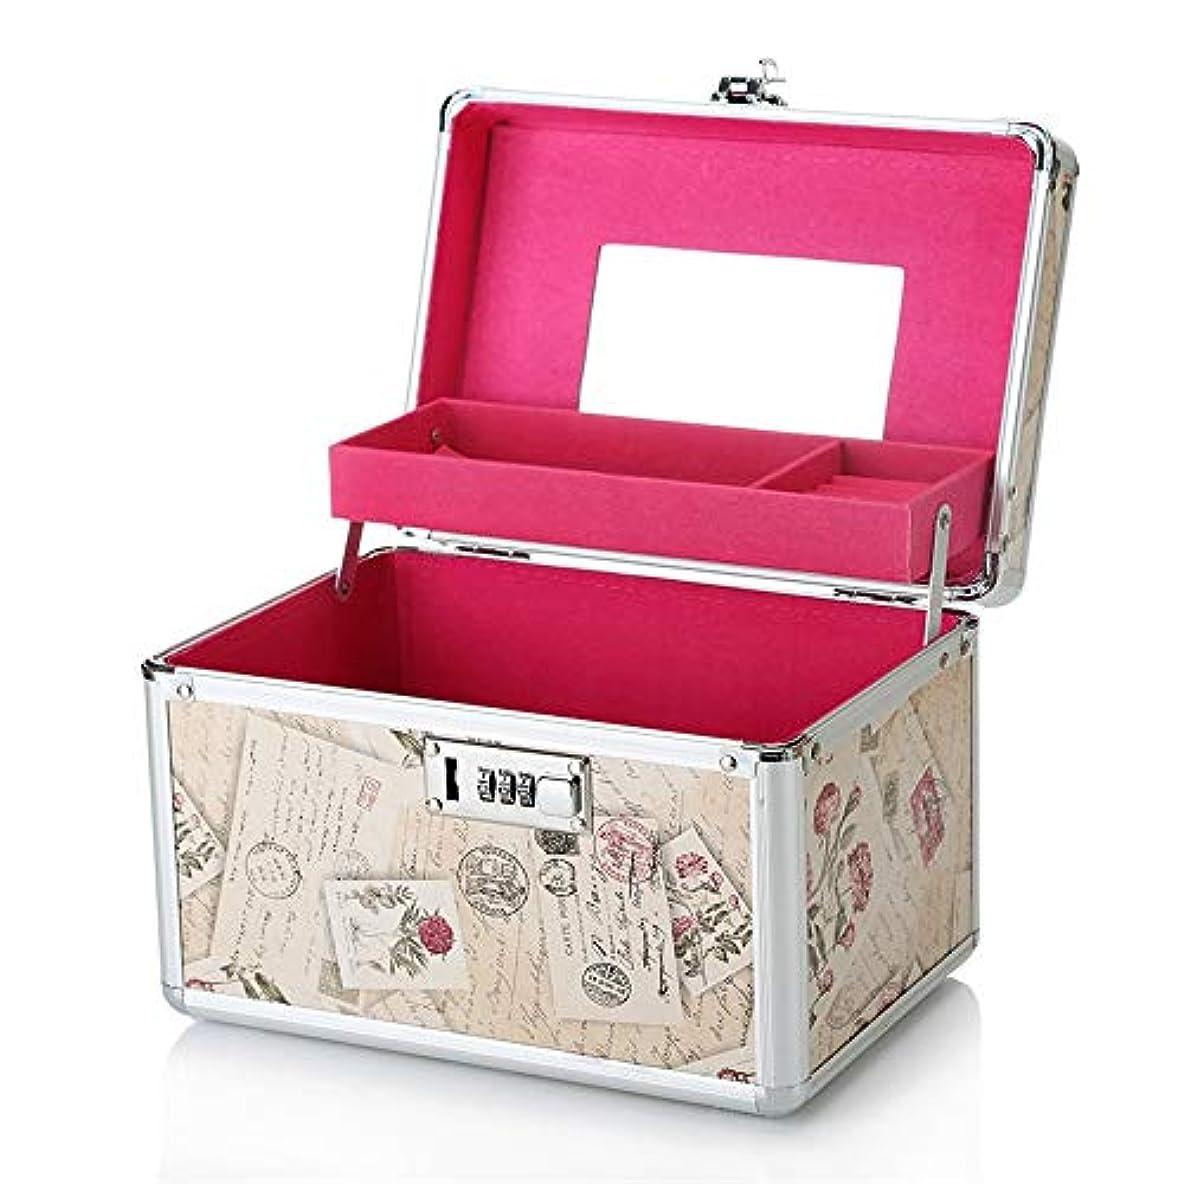 恐れ不利益フレア特大スペース収納ビューティーボックス 美の構造のためそしてジッパーおよび折る皿が付いている女の子の女性旅行そして毎日の貯蔵のための高容量の携帯用化粧品袋 化粧品化粧台